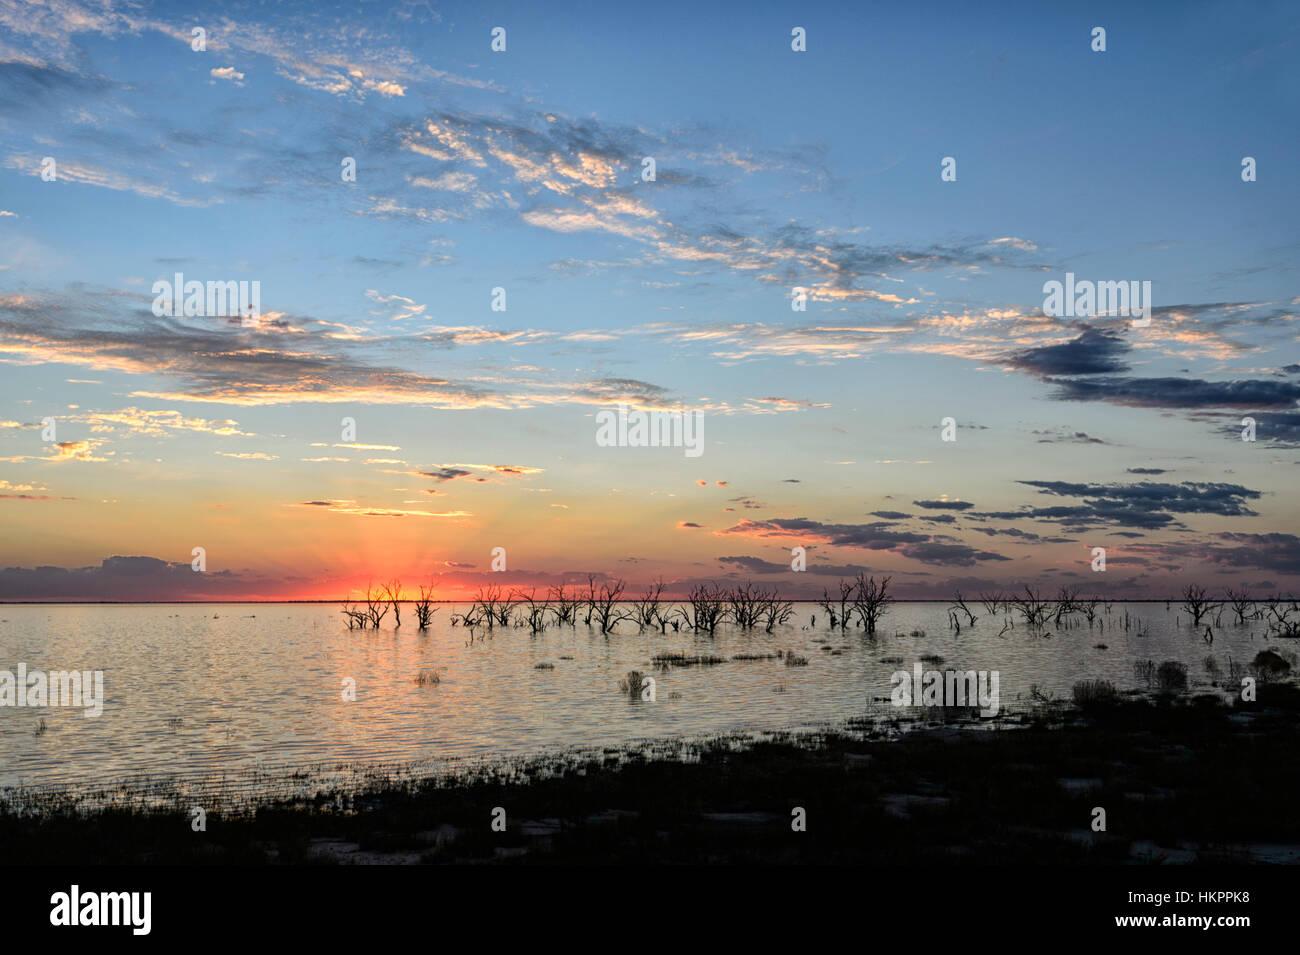 Tramonto sul lago Menindee, Nuovo Galles del Sud, Australia Immagini Stock